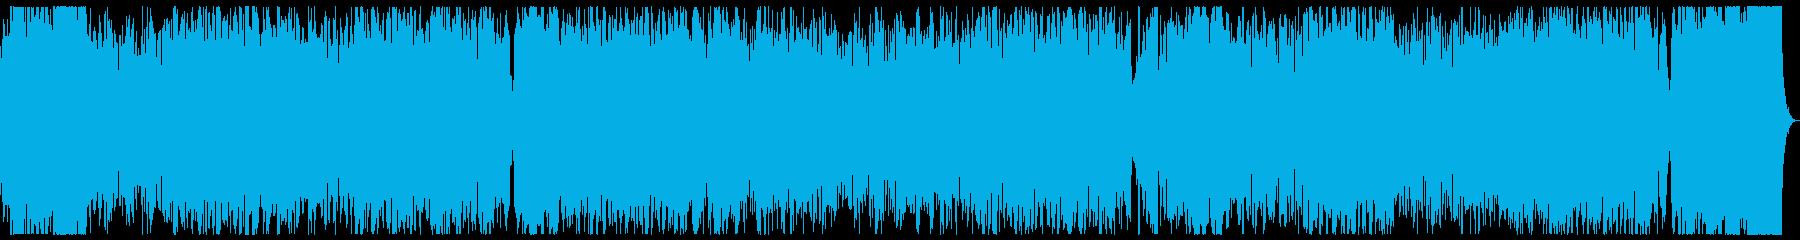 ブレイブハート ドライ版 勇壮な戦闘曲の再生済みの波形